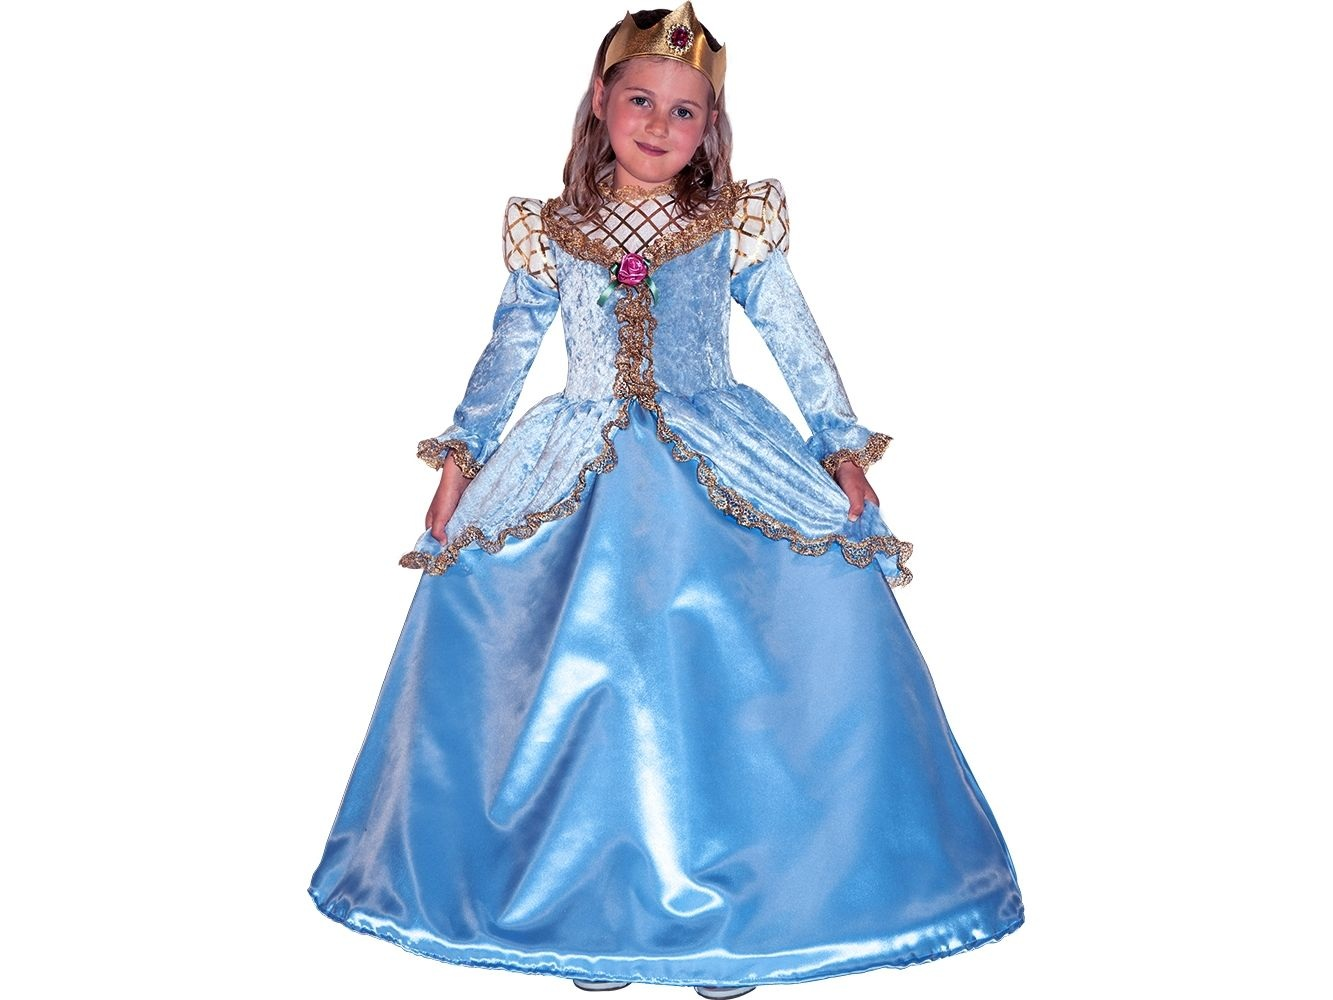 Costume di carnevale Principessa al ballo La piccola cenerentola